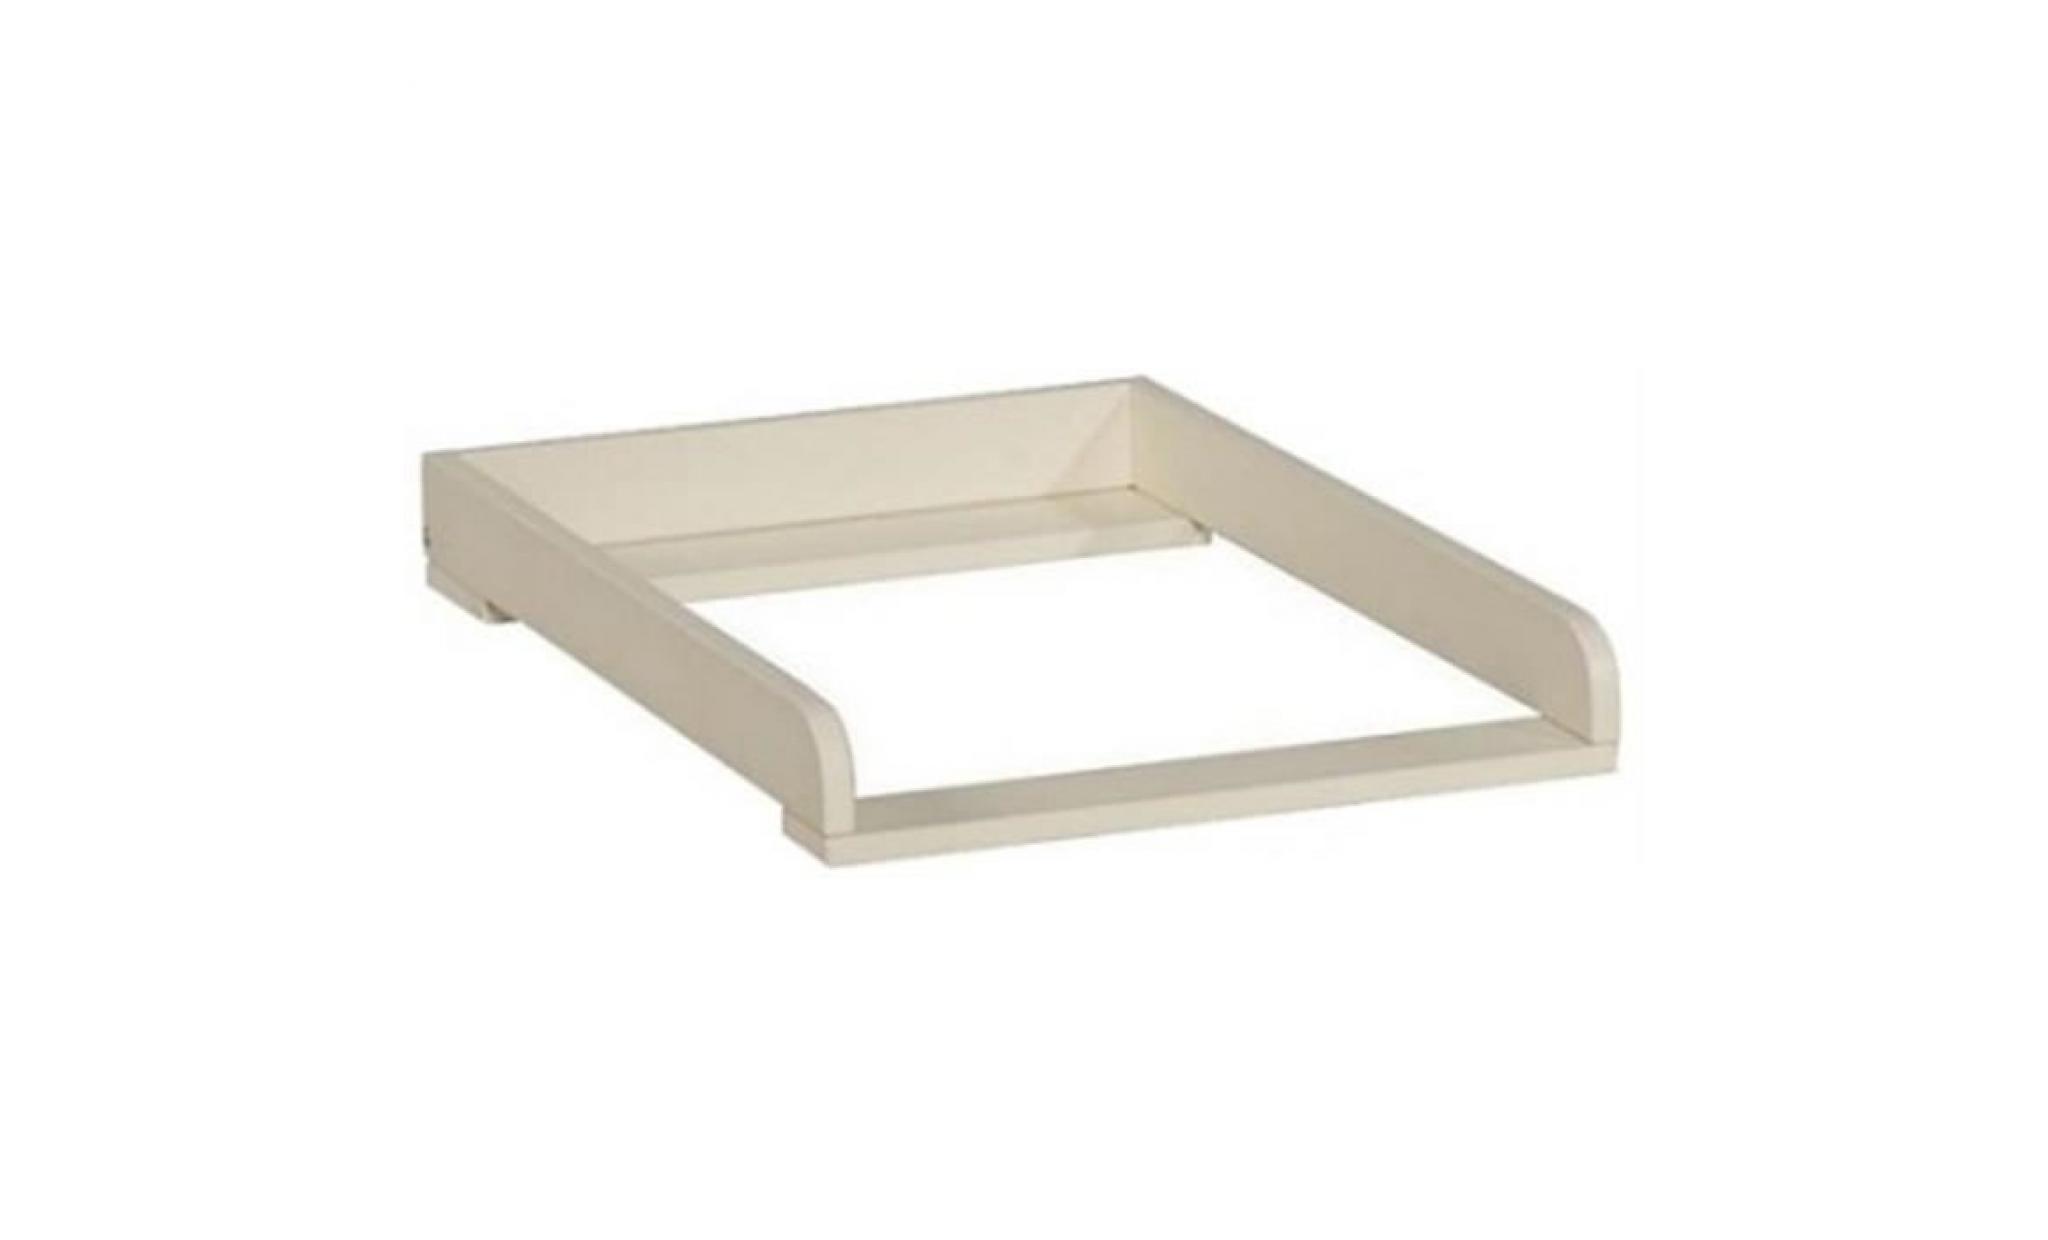 table a langer robin blanc achat vente lit pas cher couleur et design fr